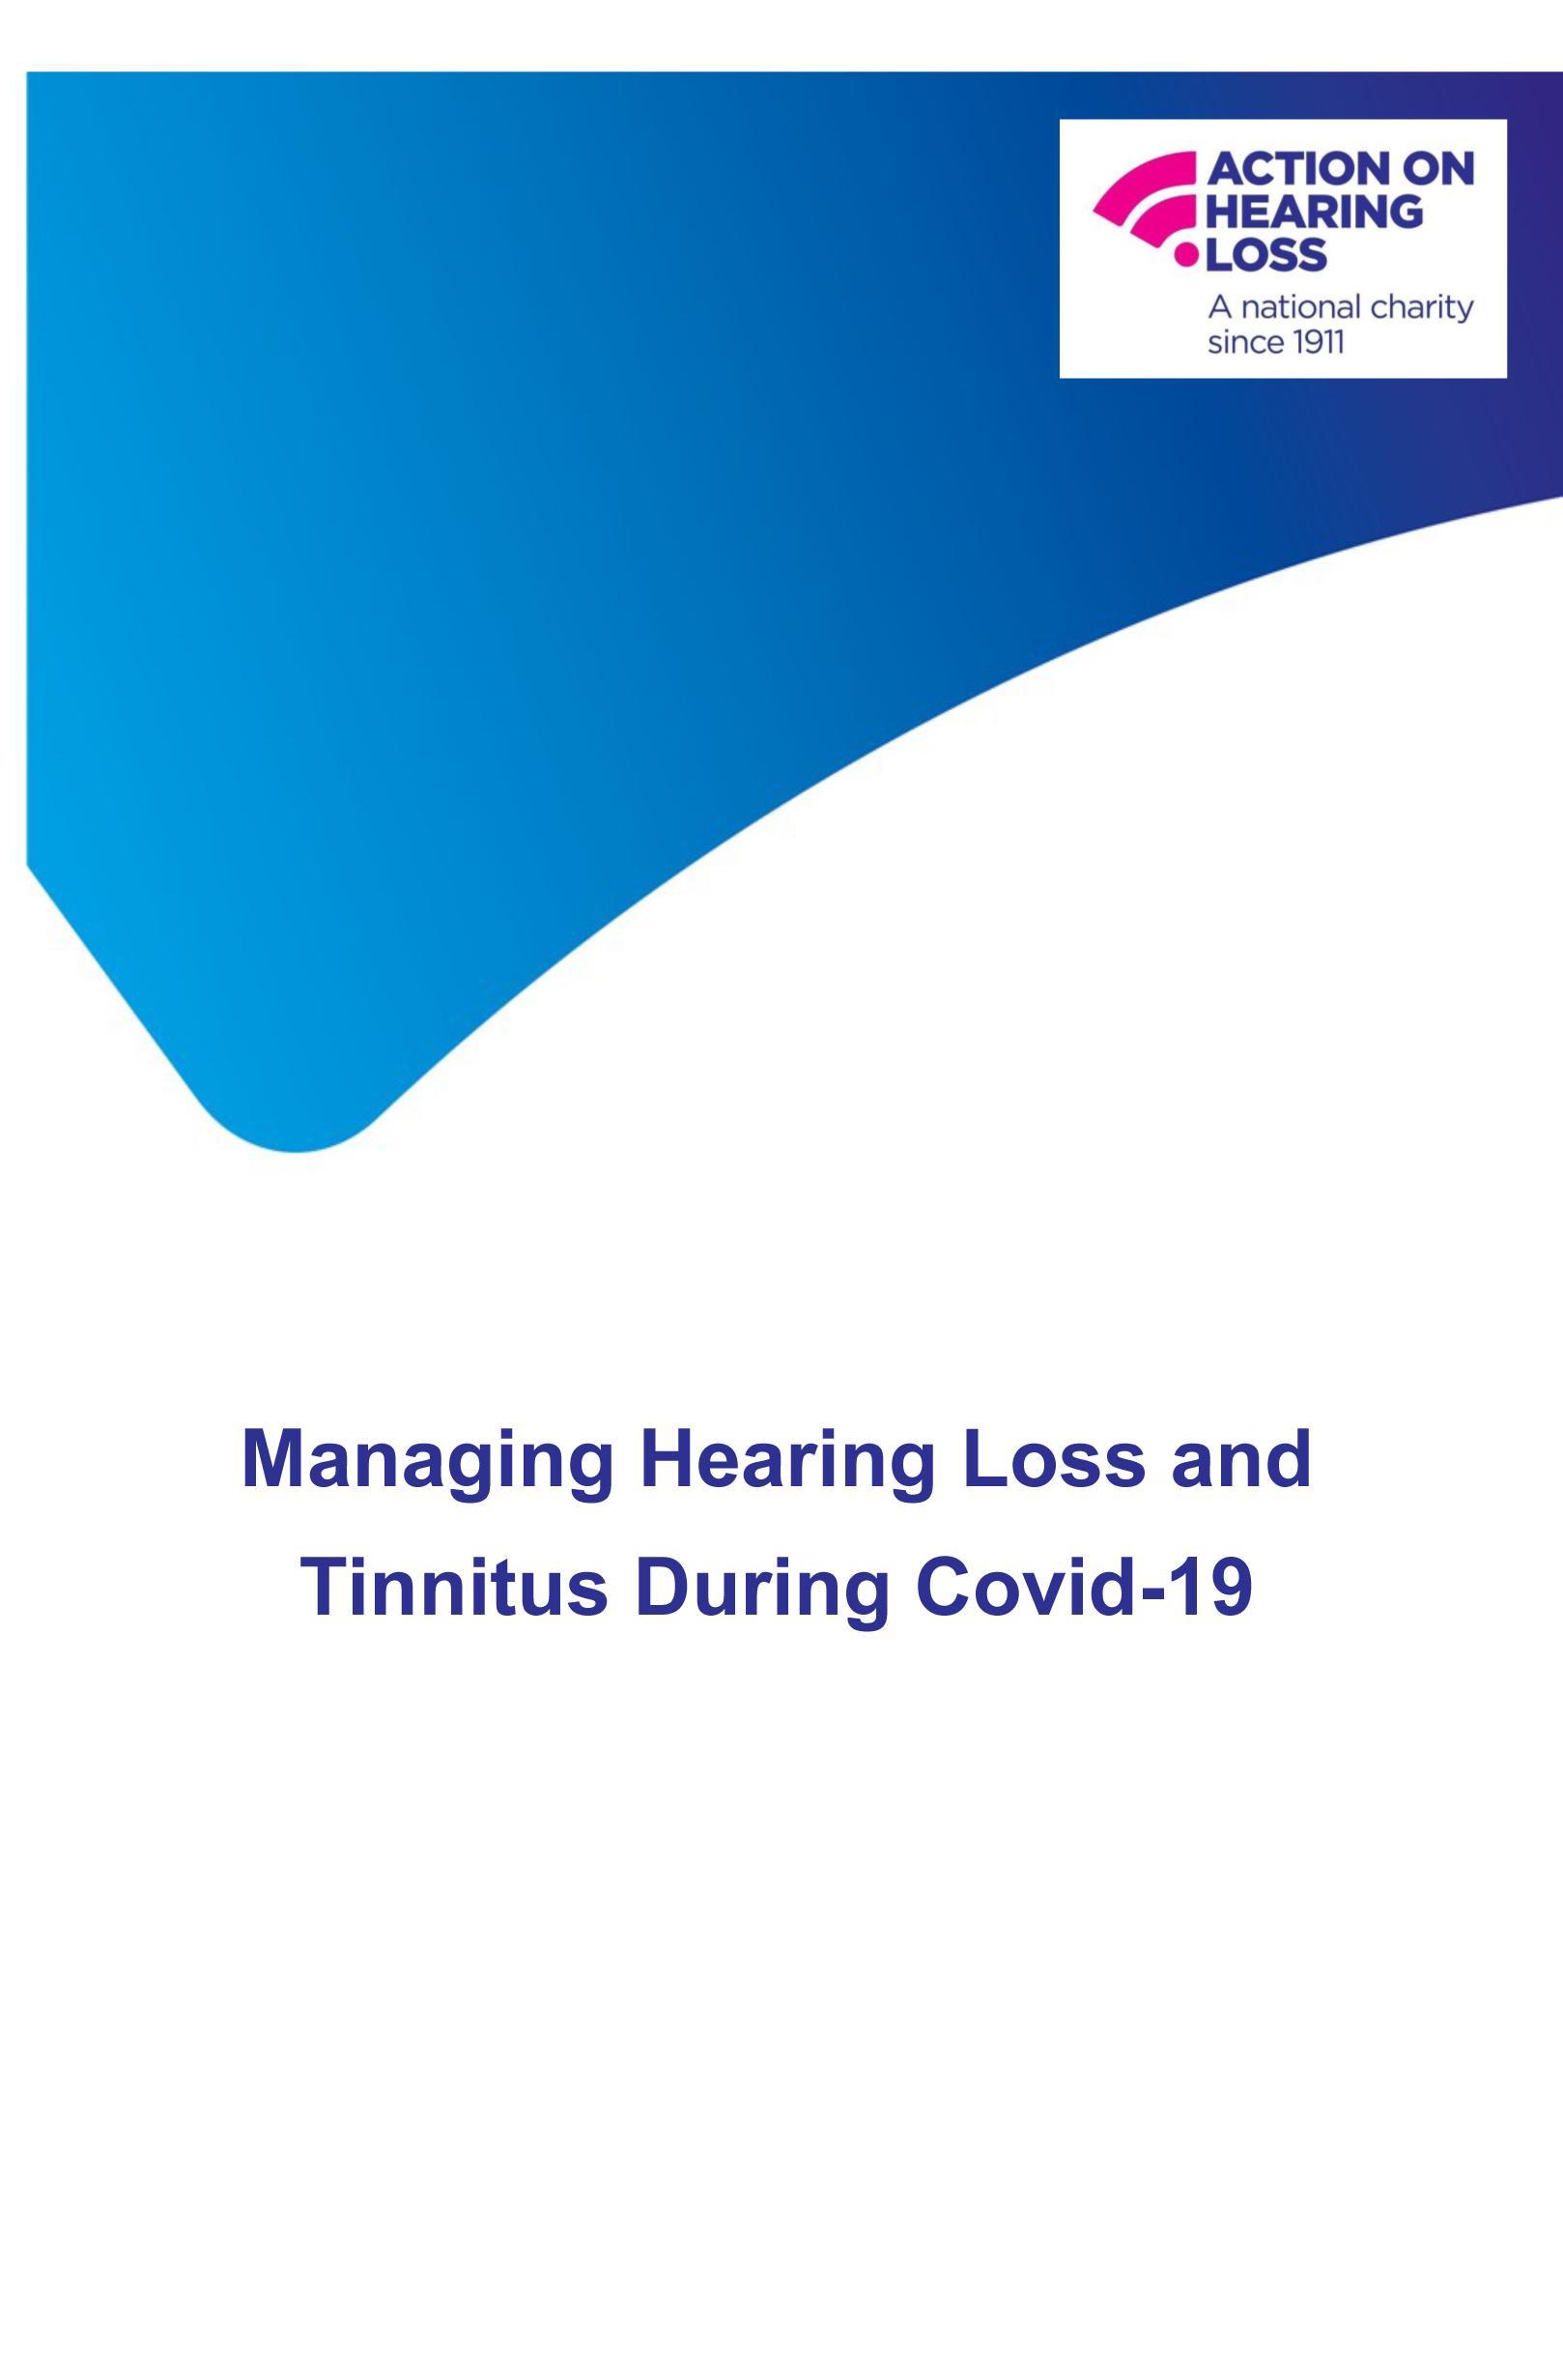 Managing Hearing Loss and Tinnitus During Covid-19-1